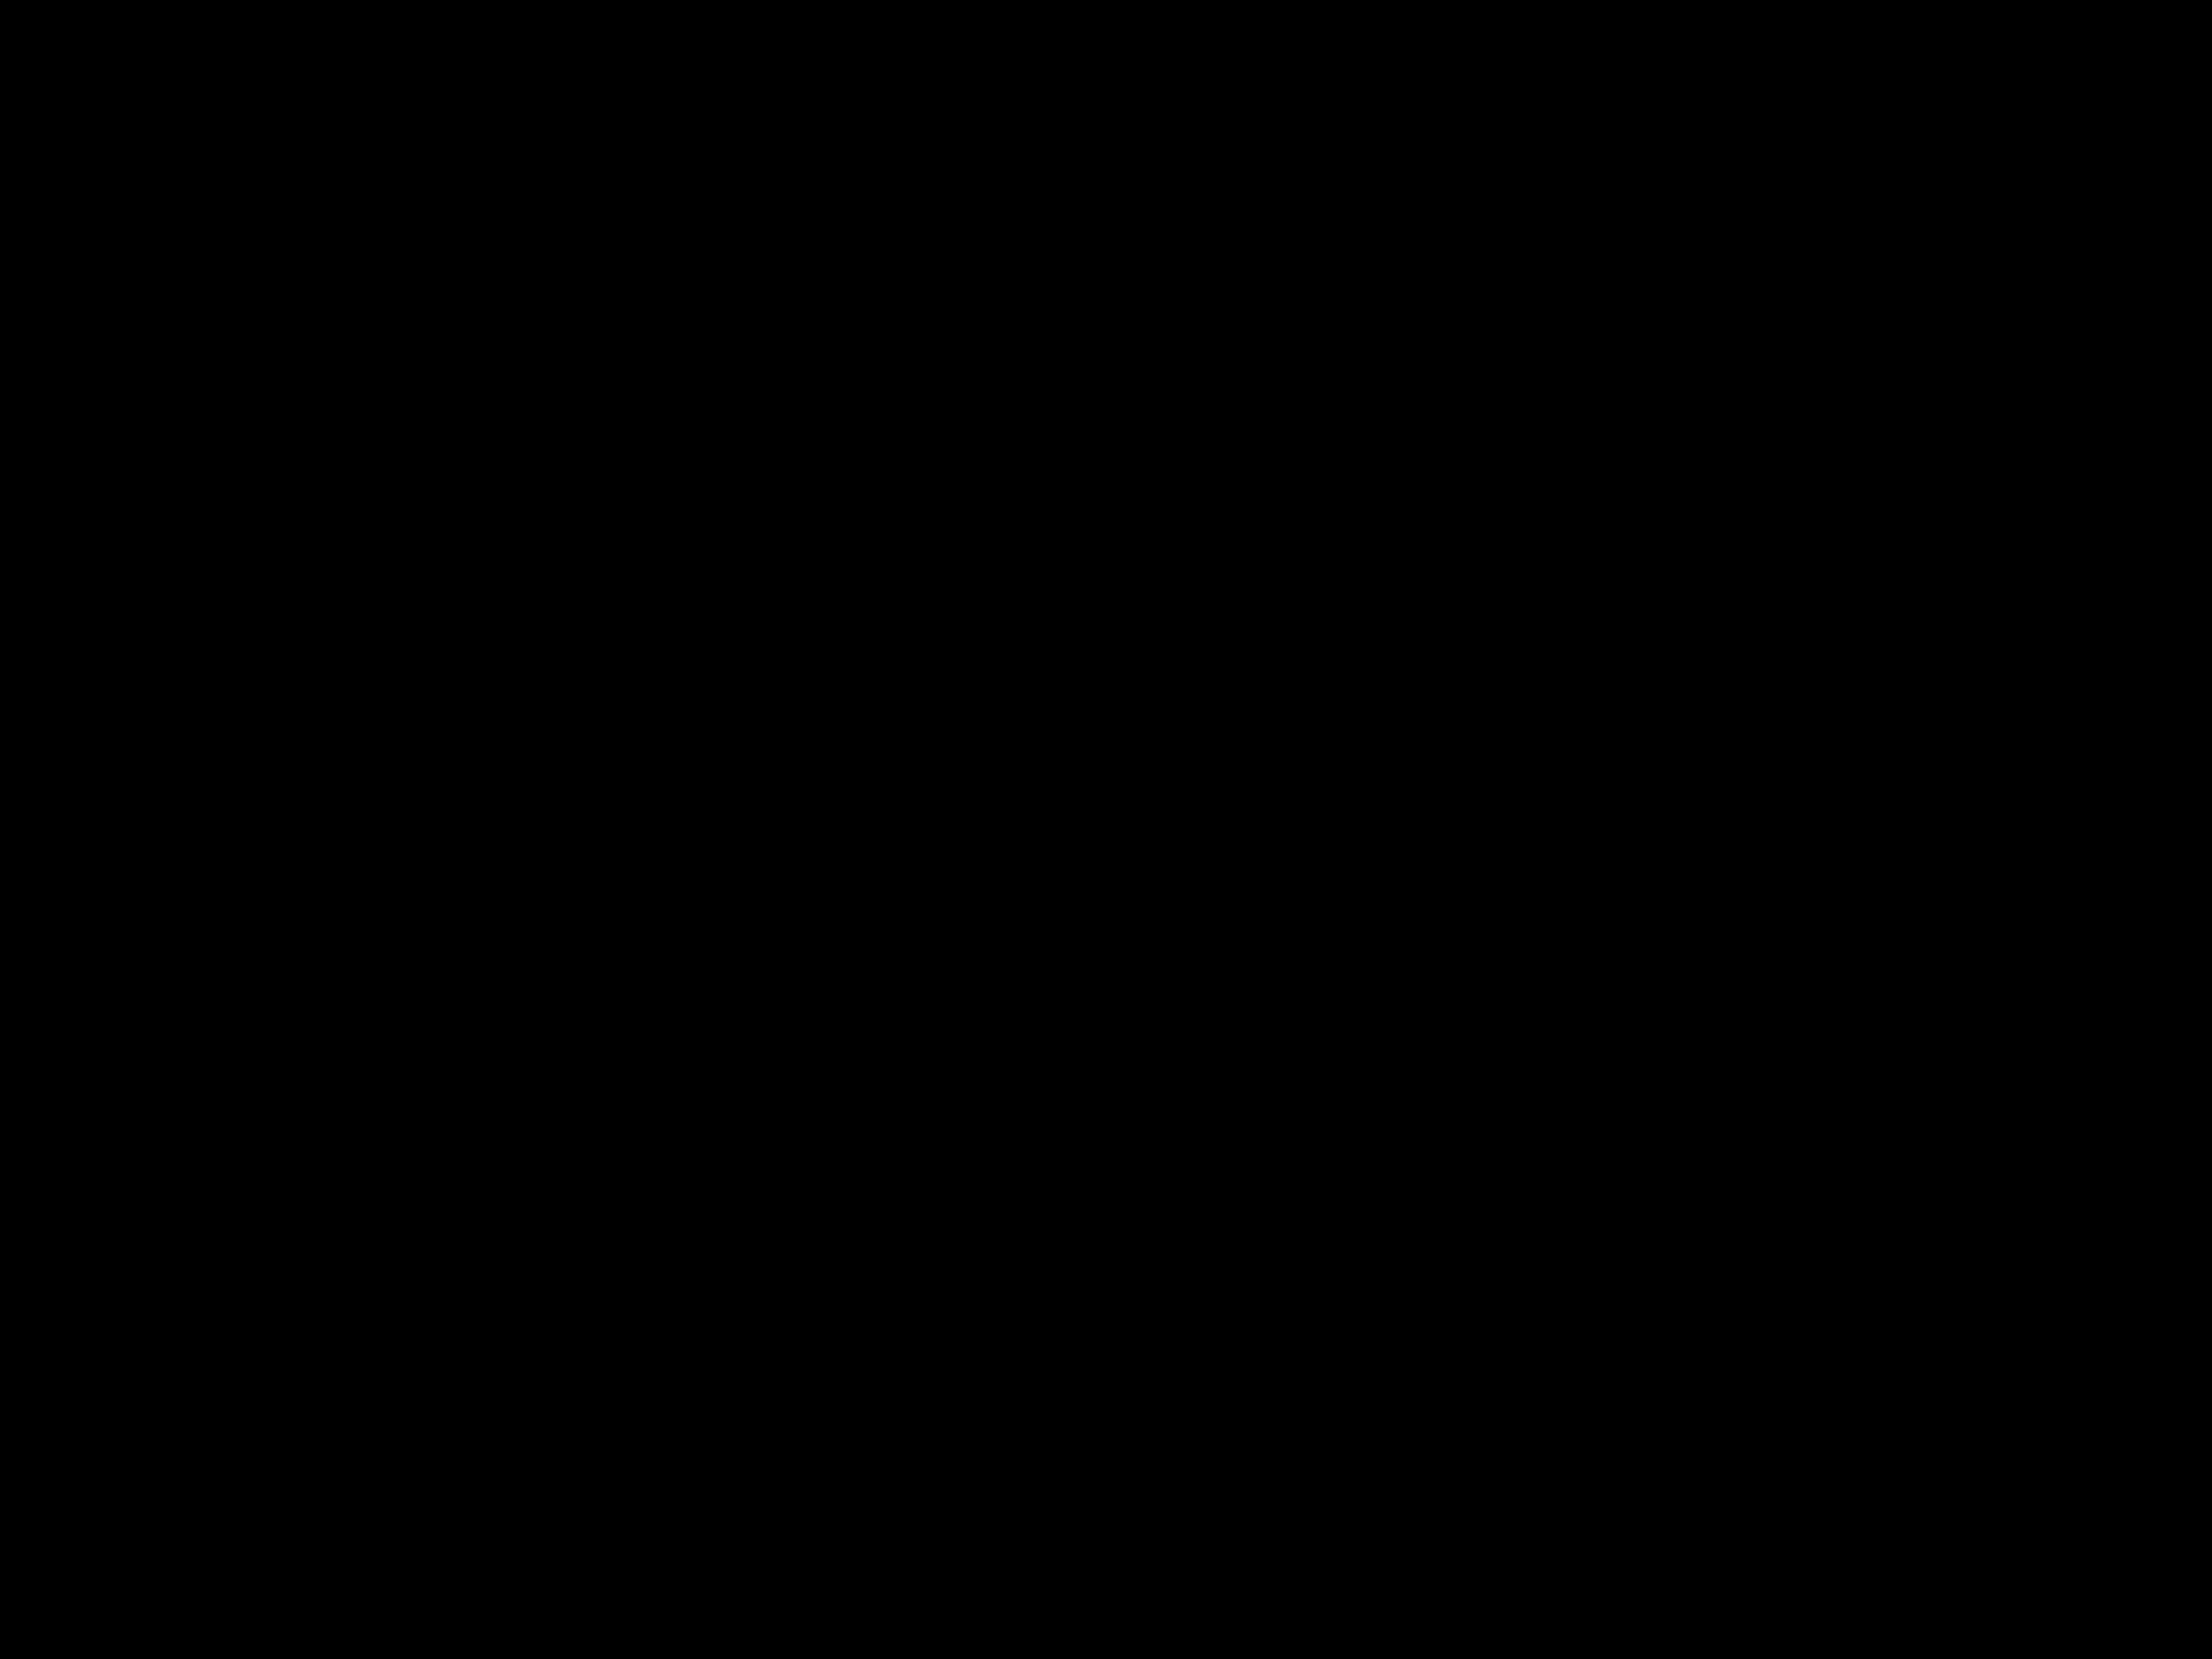 italiana assicurazioni-organizzazione eventi corporate- agenzia eventi - organizzazione eventi milano